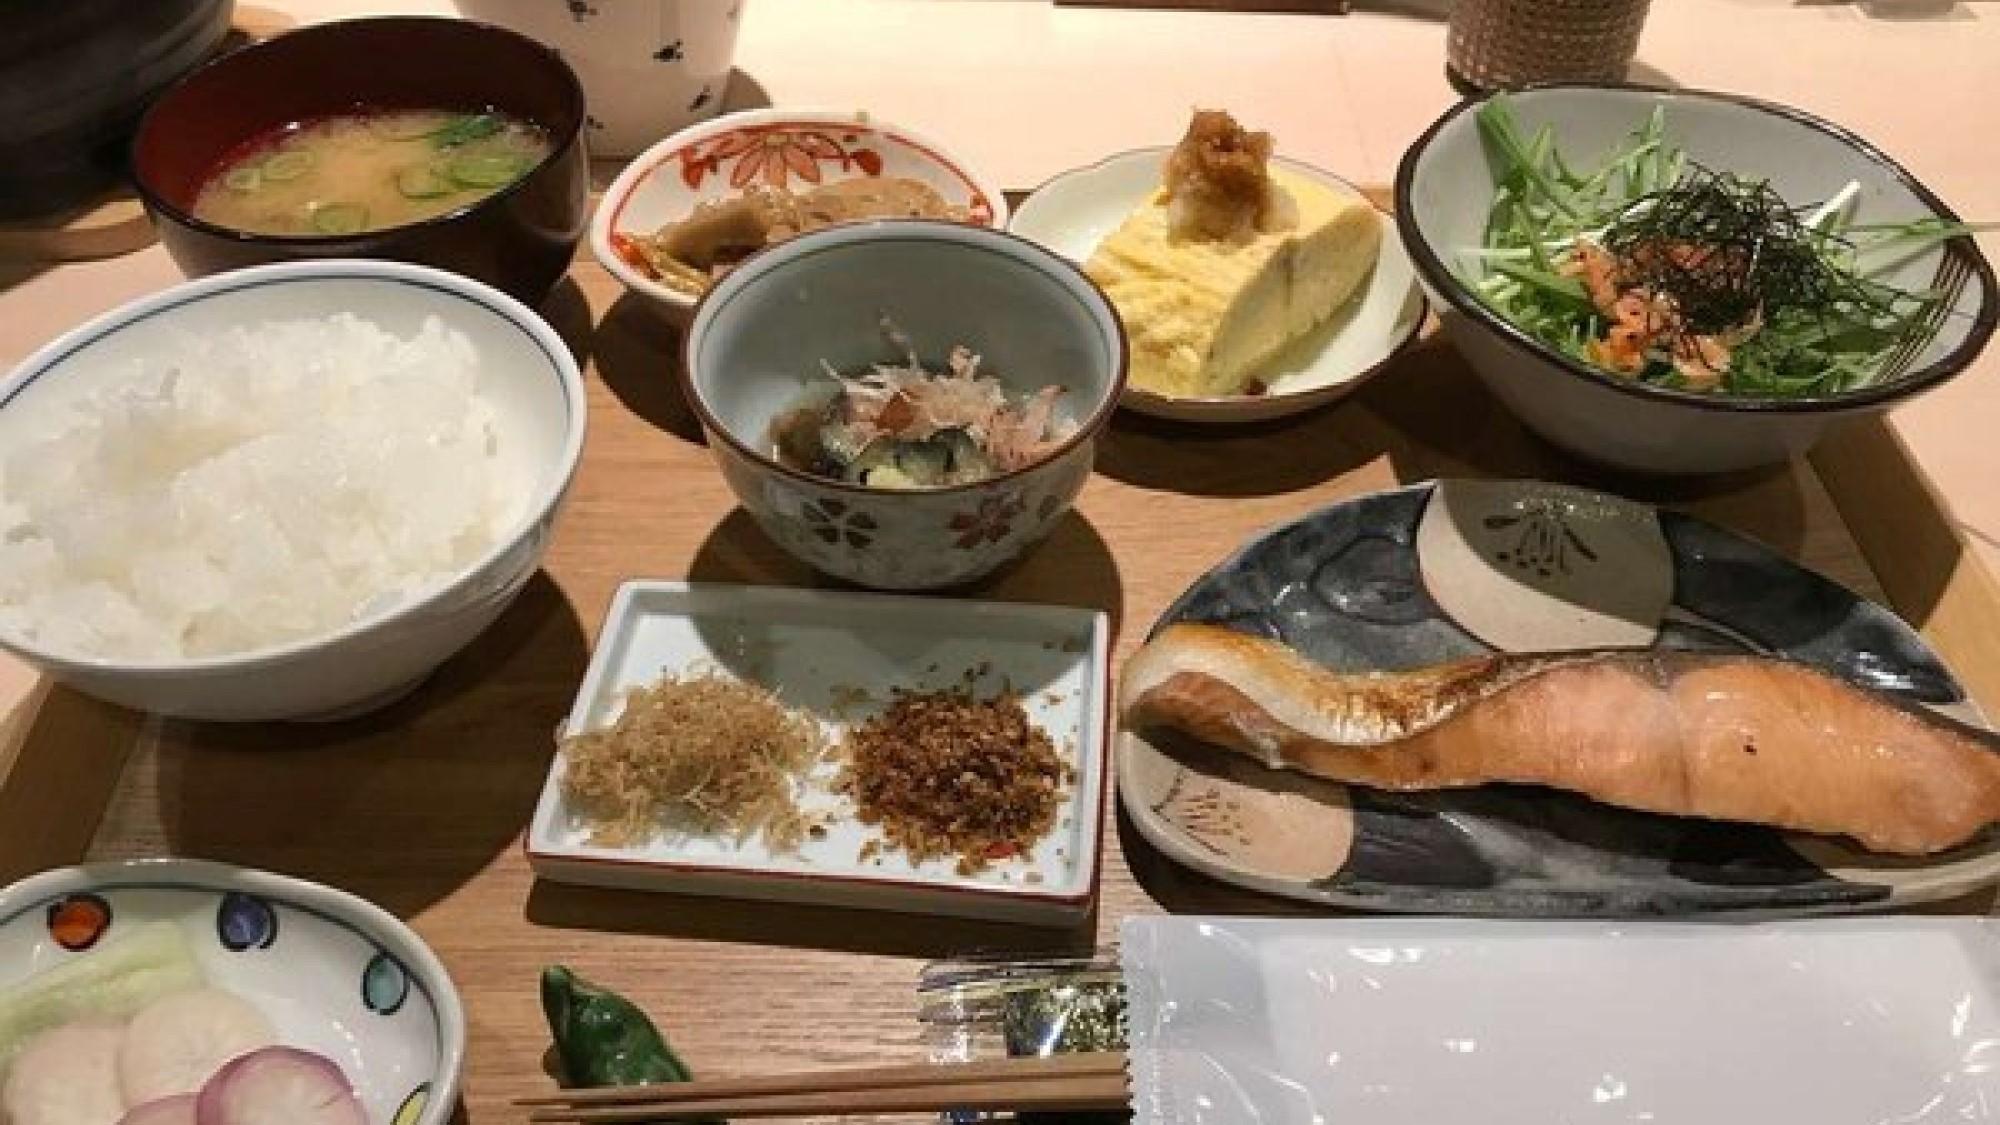 【旬彩いまり】 スタッフ一番のおすすめ店!旬の食材を使った身体に優しい京料理で心もほっこり